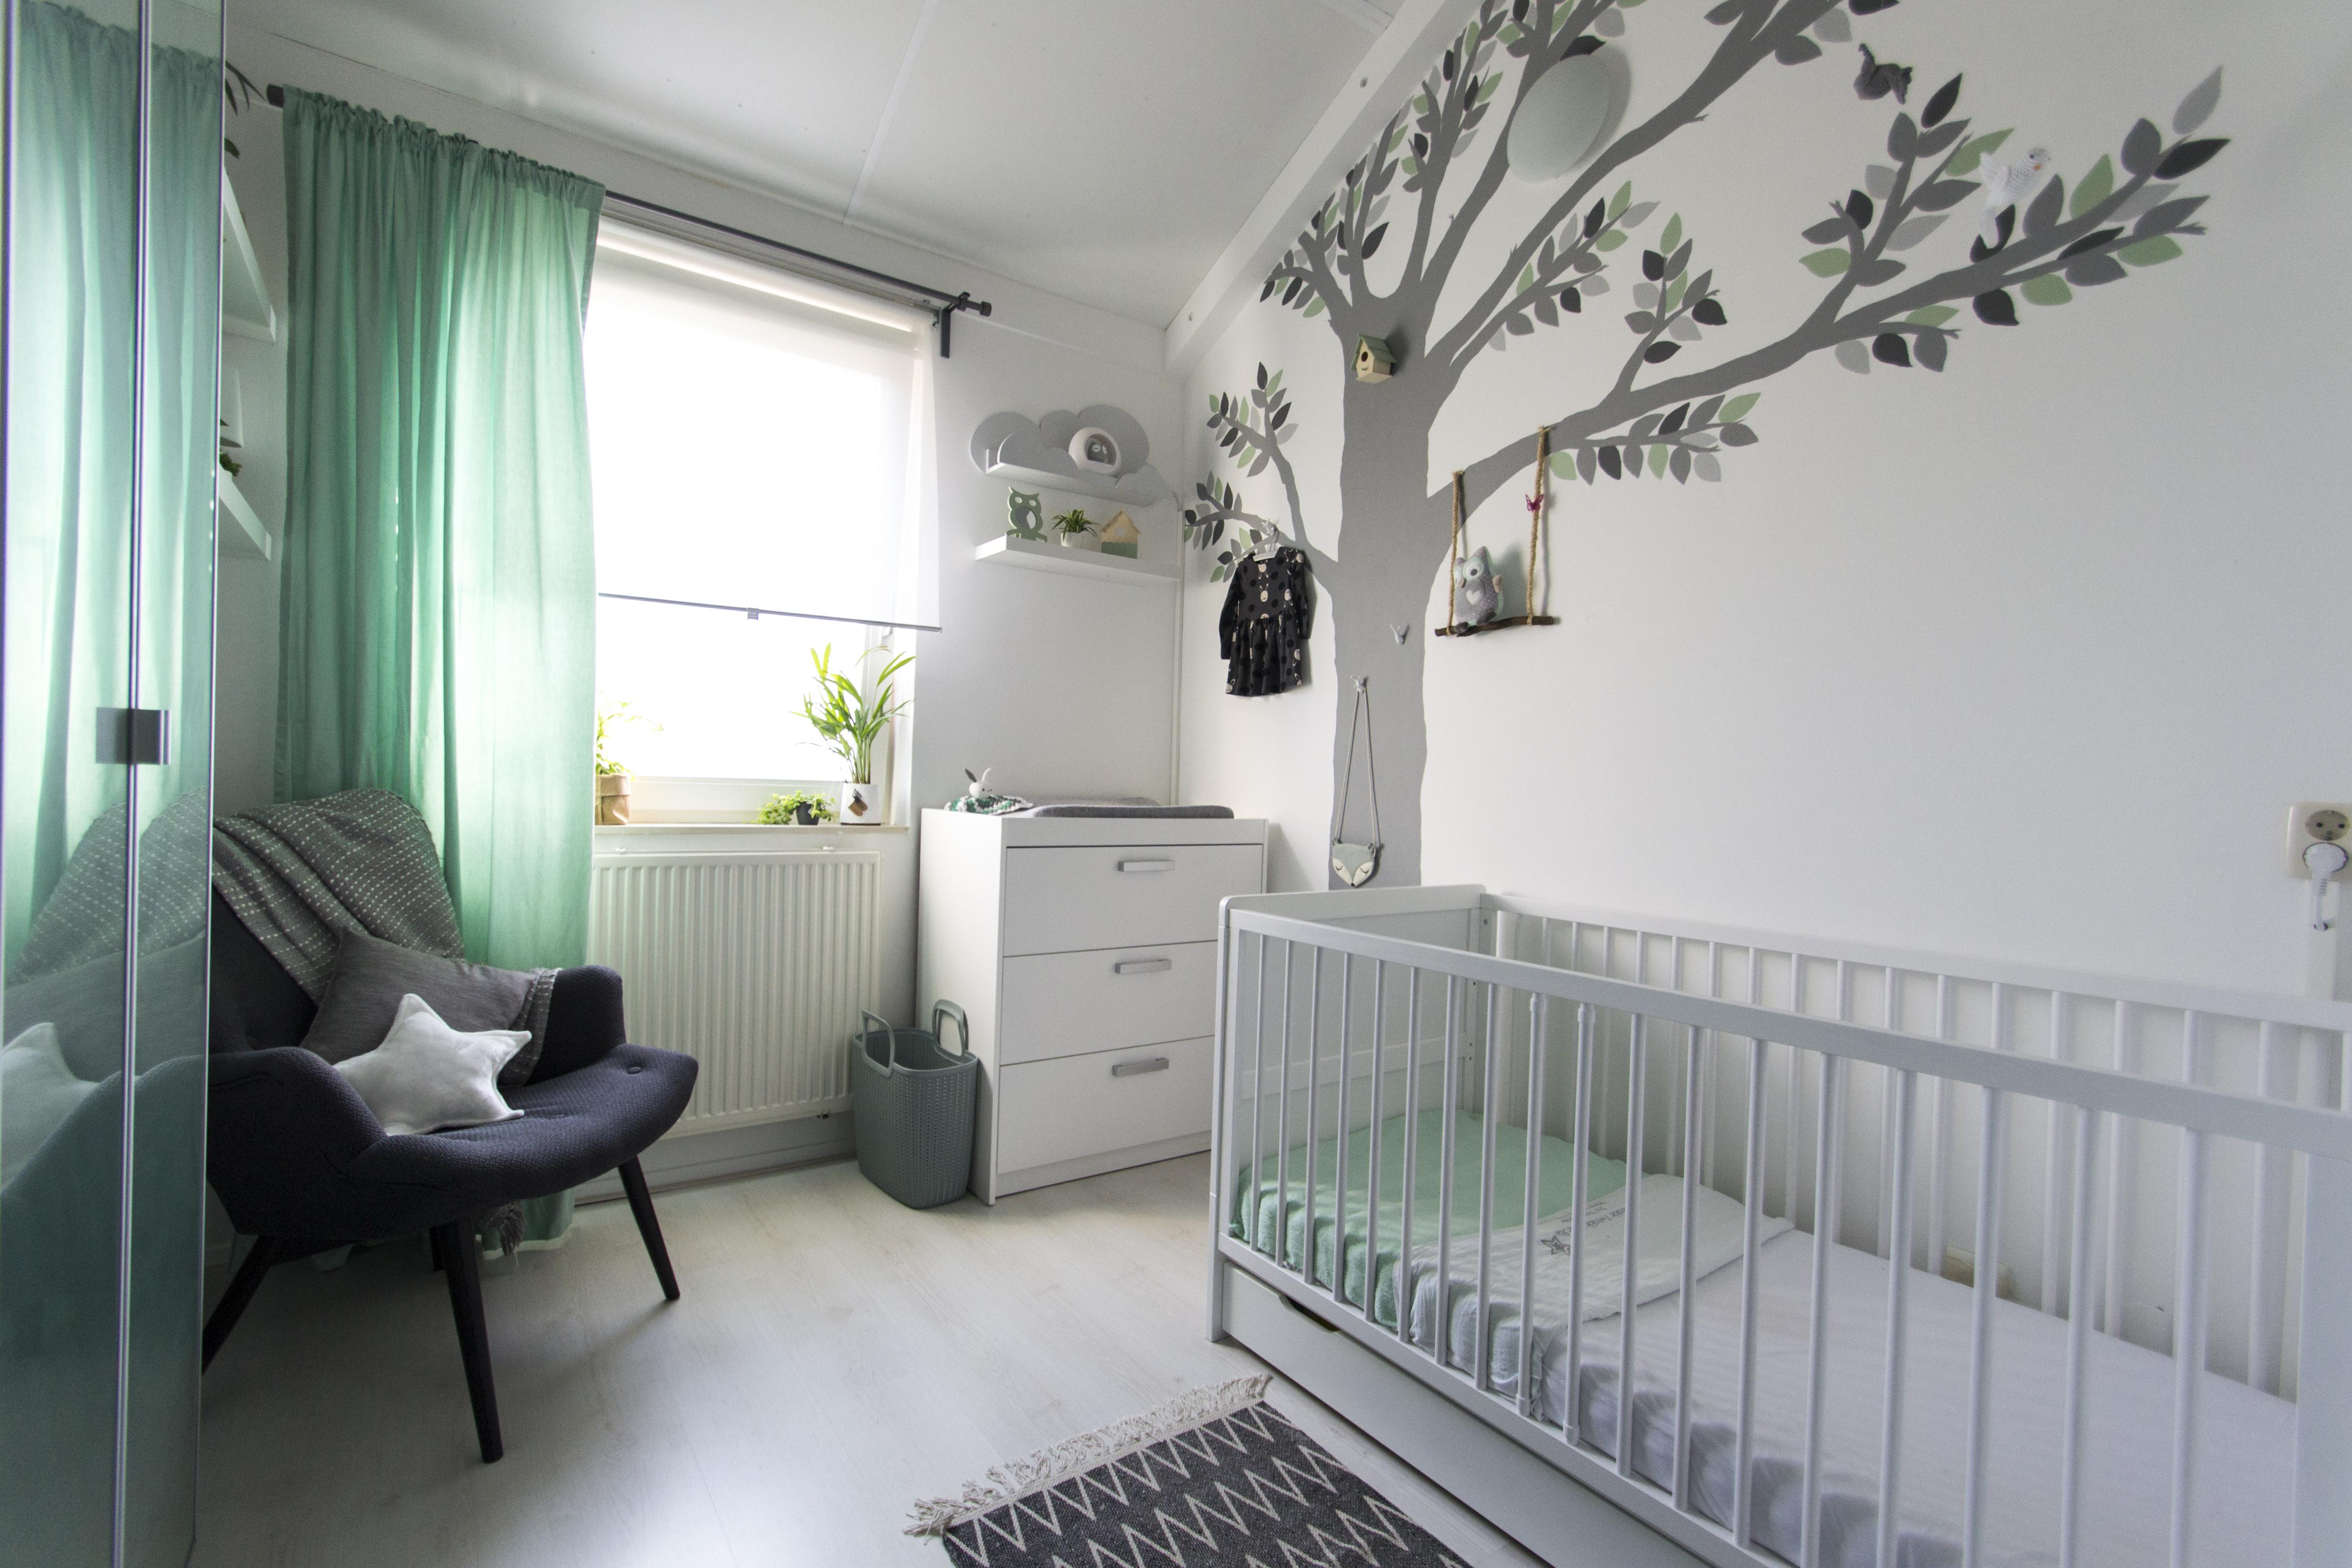 Babykamer ontwerpen 8